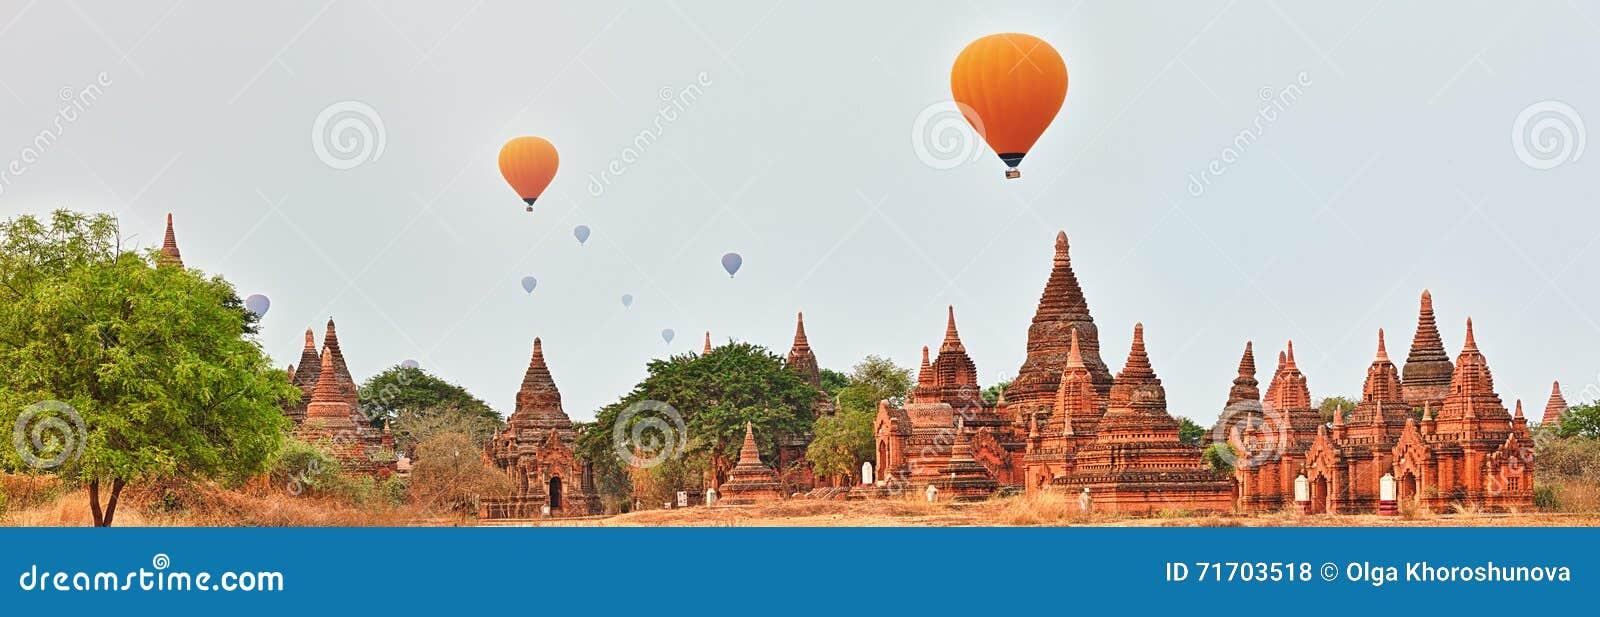 Μπαλόνια πέρα από τους ναούς σε Bagan Myanmar